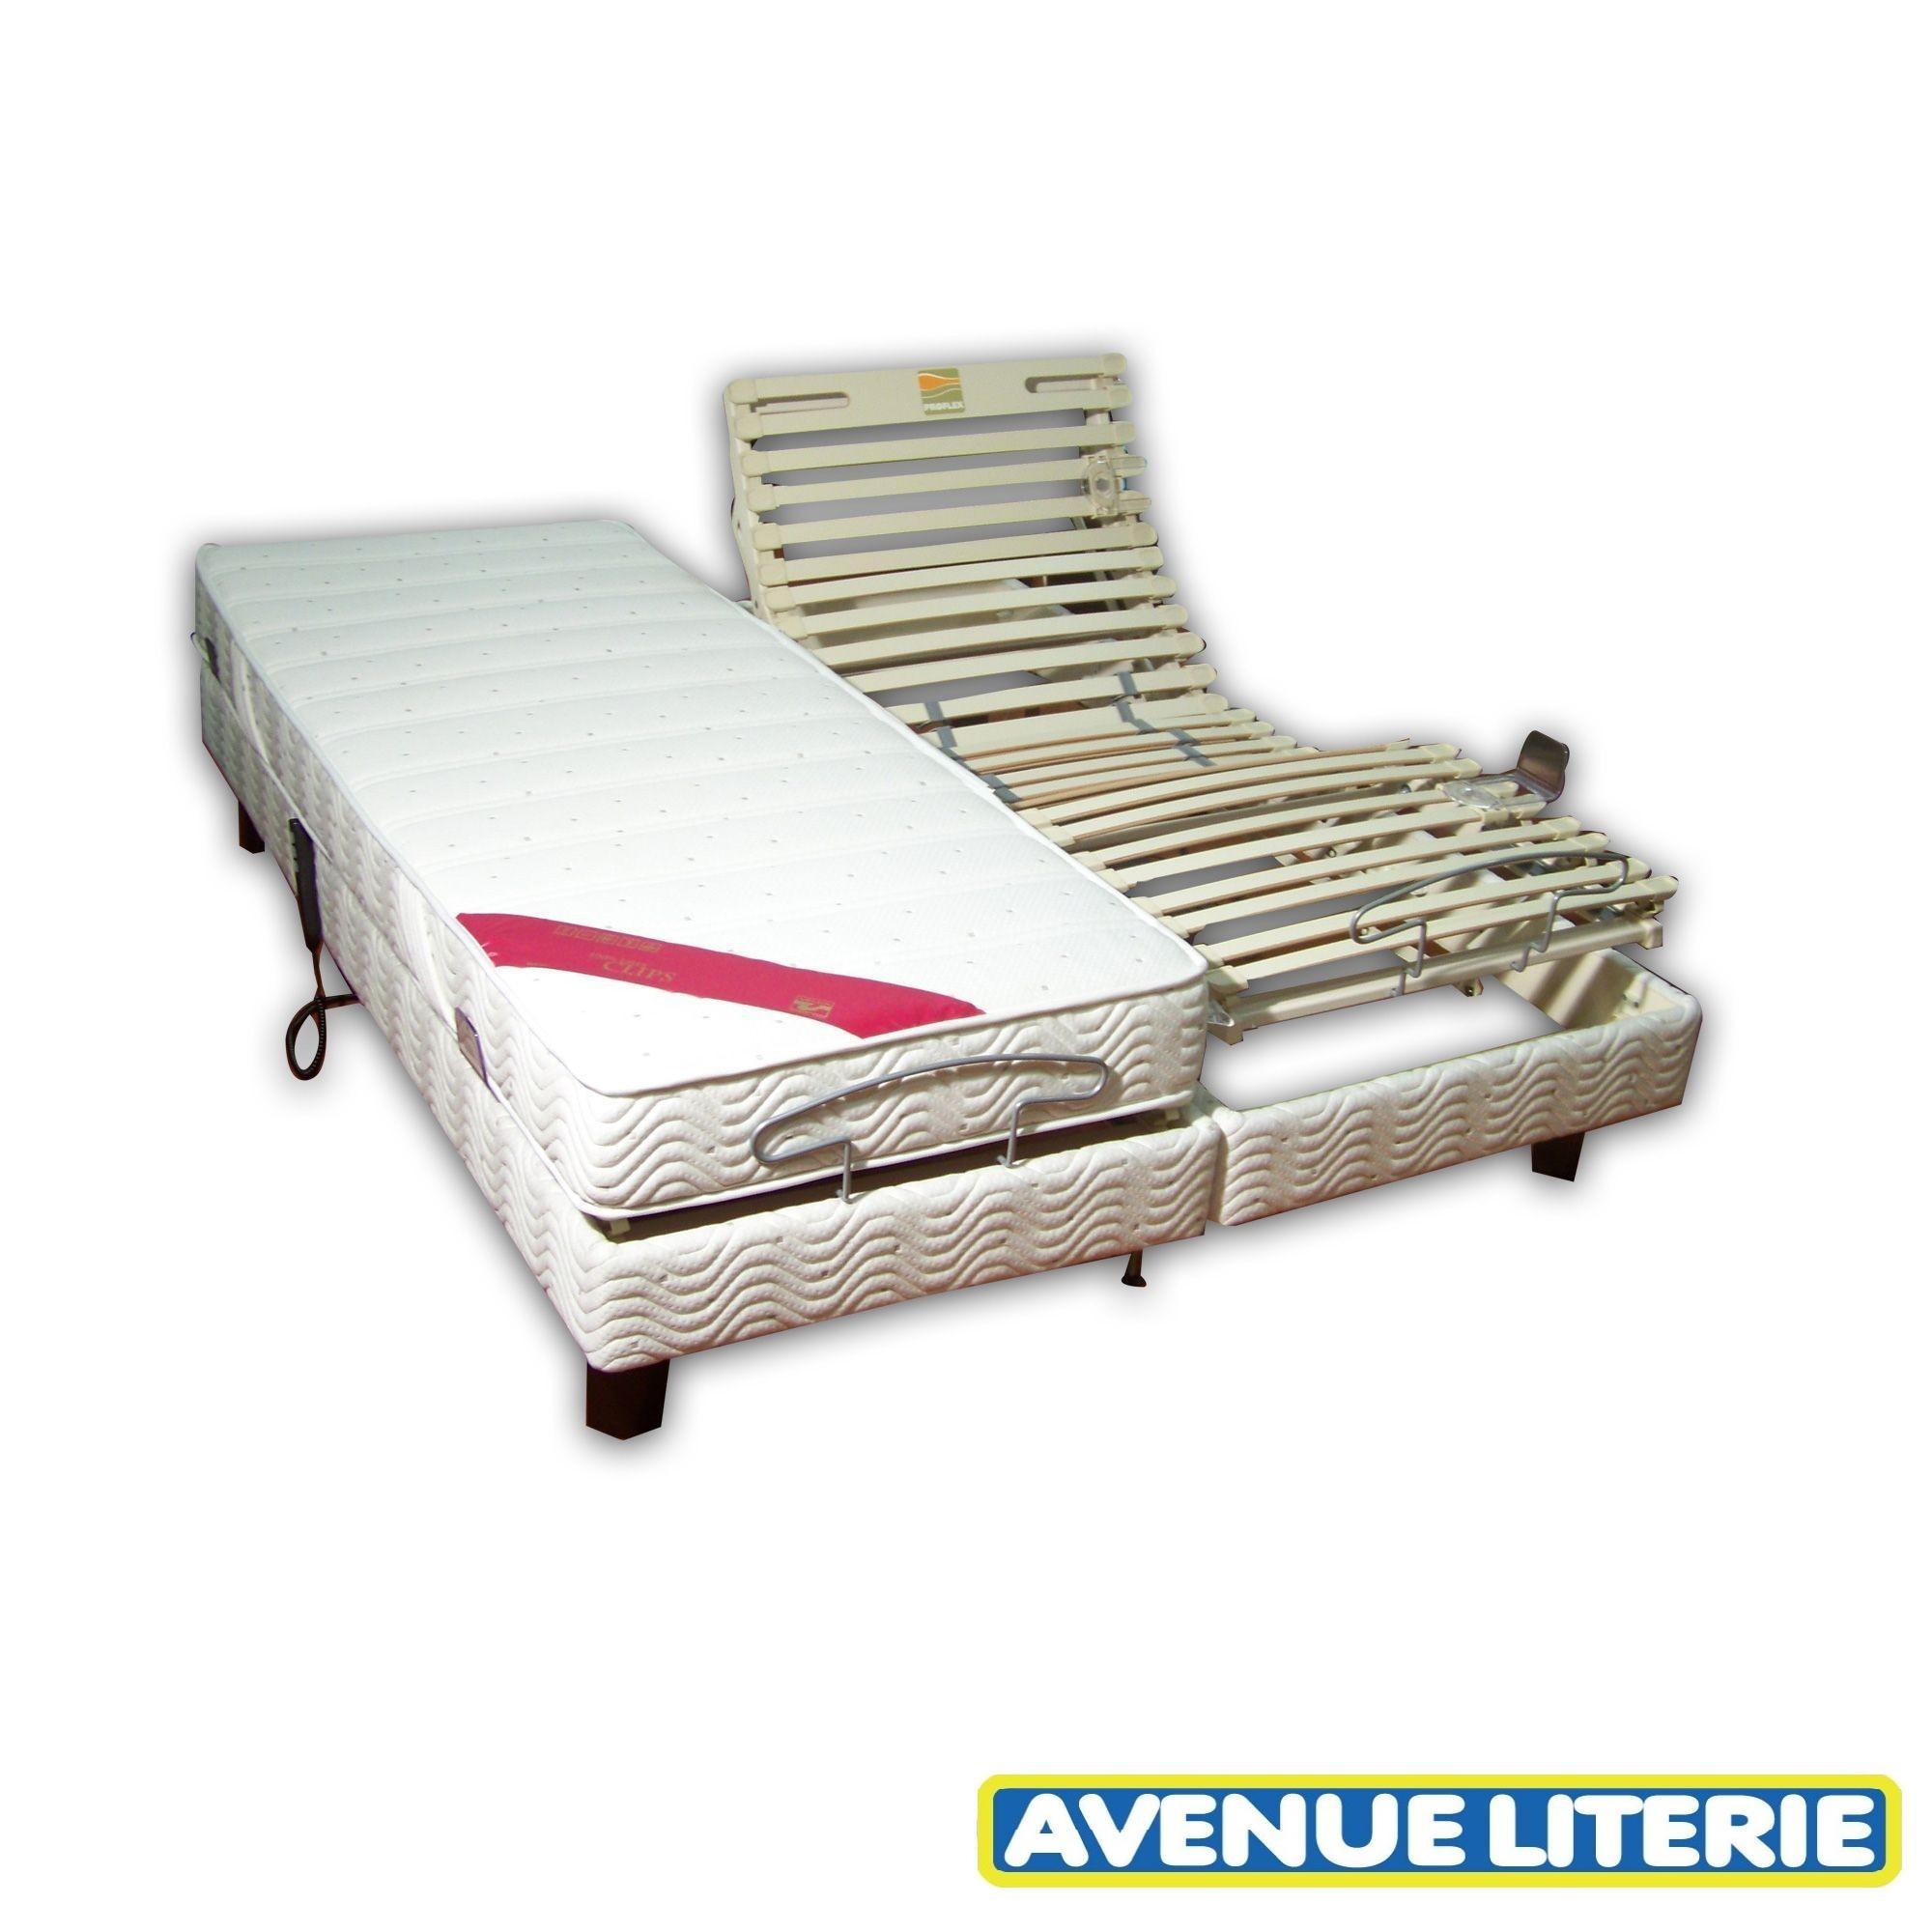 vente lit lectrique 2x80x200 velda new proflex clips pas cher avenue literie. Black Bedroom Furniture Sets. Home Design Ideas